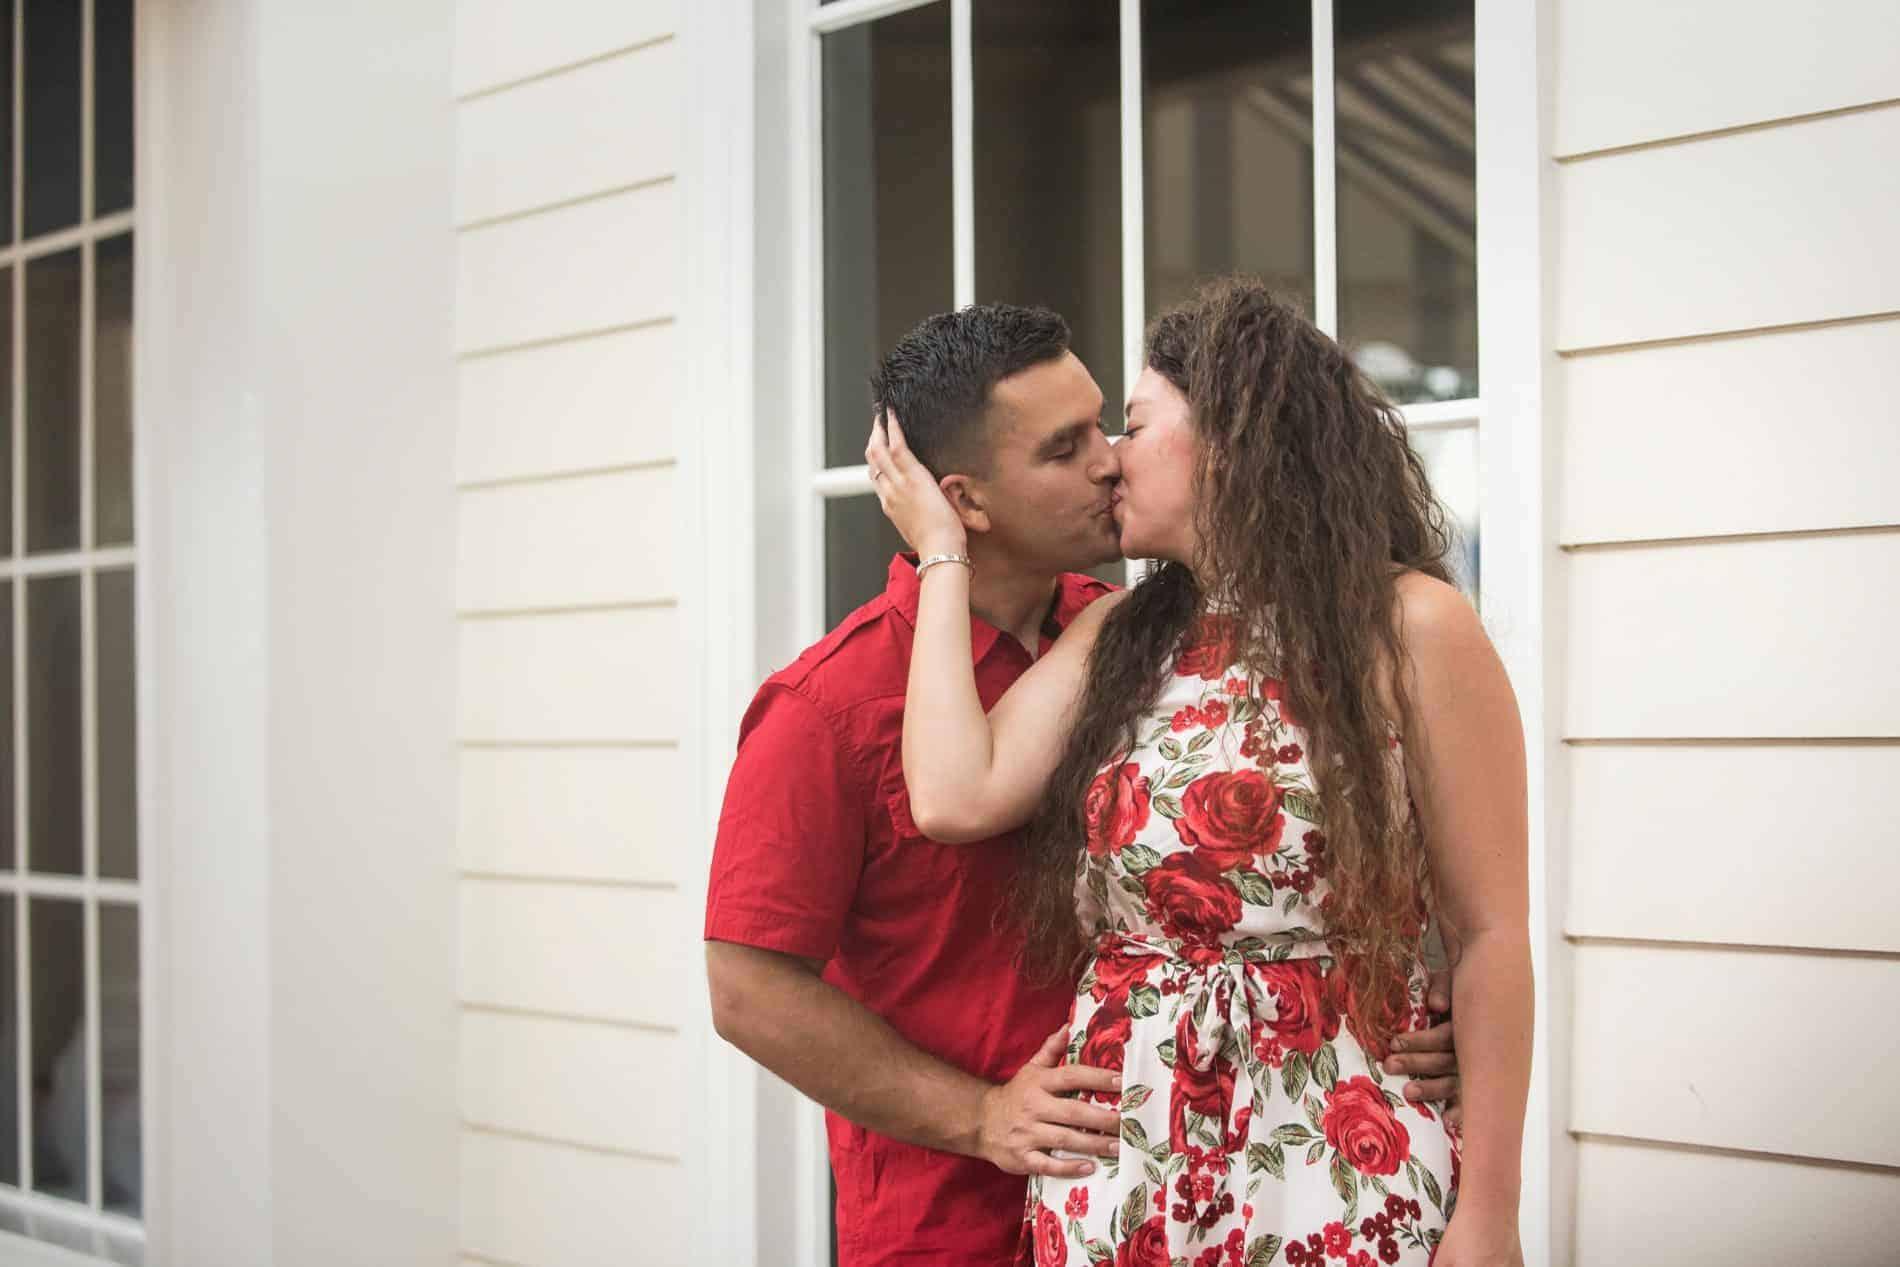 Engagement Photos Taken at Disney